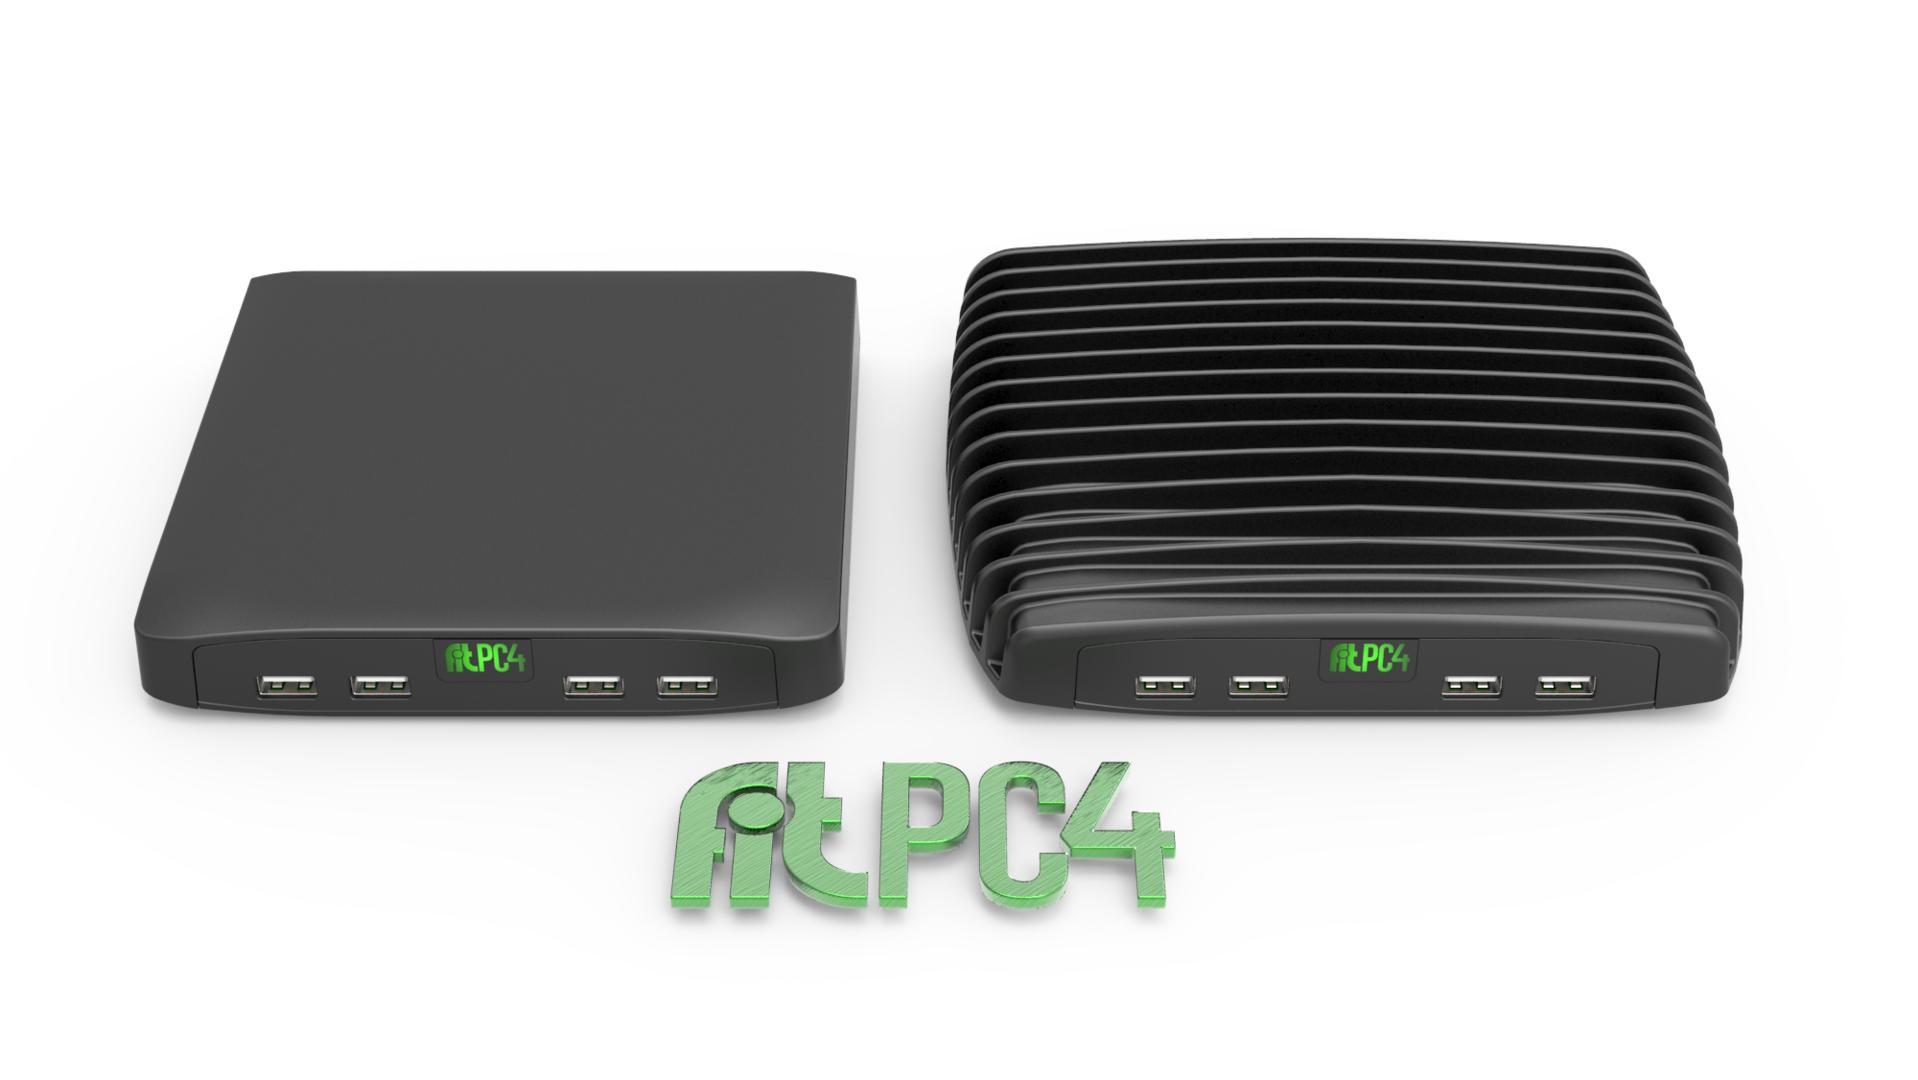 fit-PC4 Value (links) und fit-PC4 Pro (rechts)